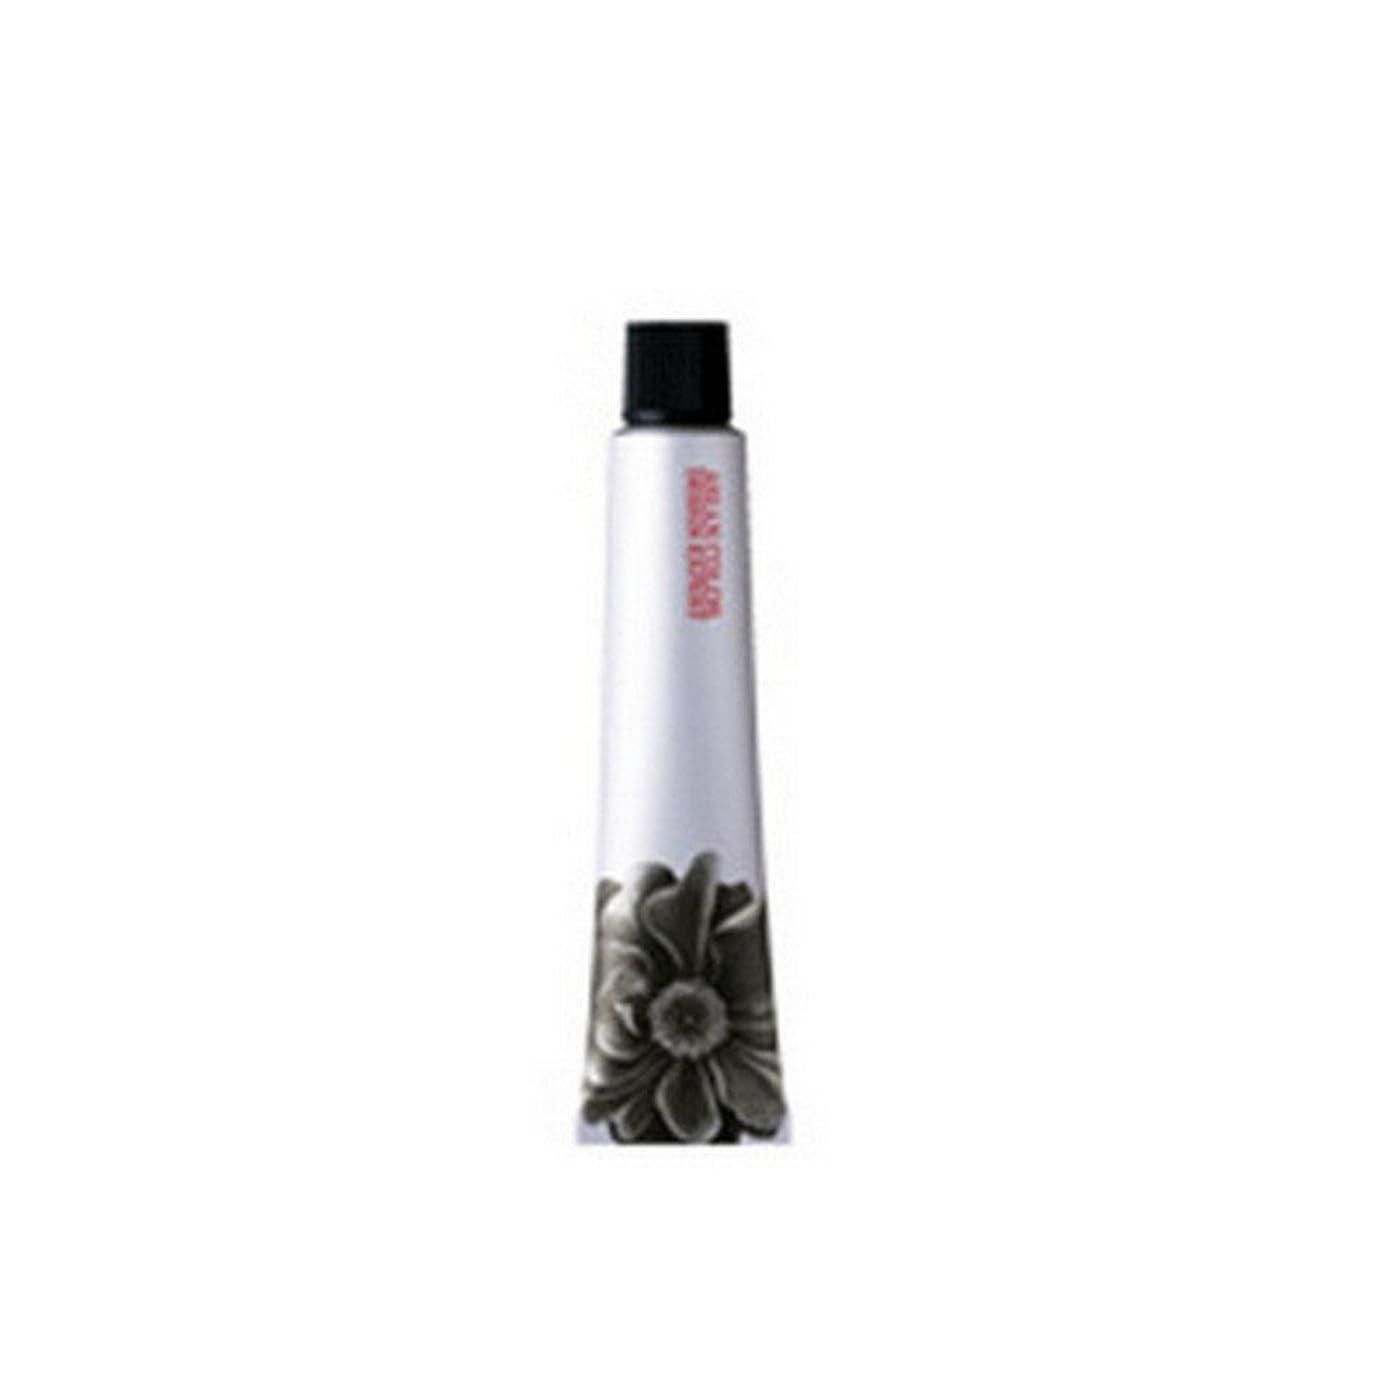 請求可能しっとり火山アリミノ ariminoアジアンカラー アルカリタイプ85g 1剤 【医薬部外品】【業務用】 PINK ピンク 7